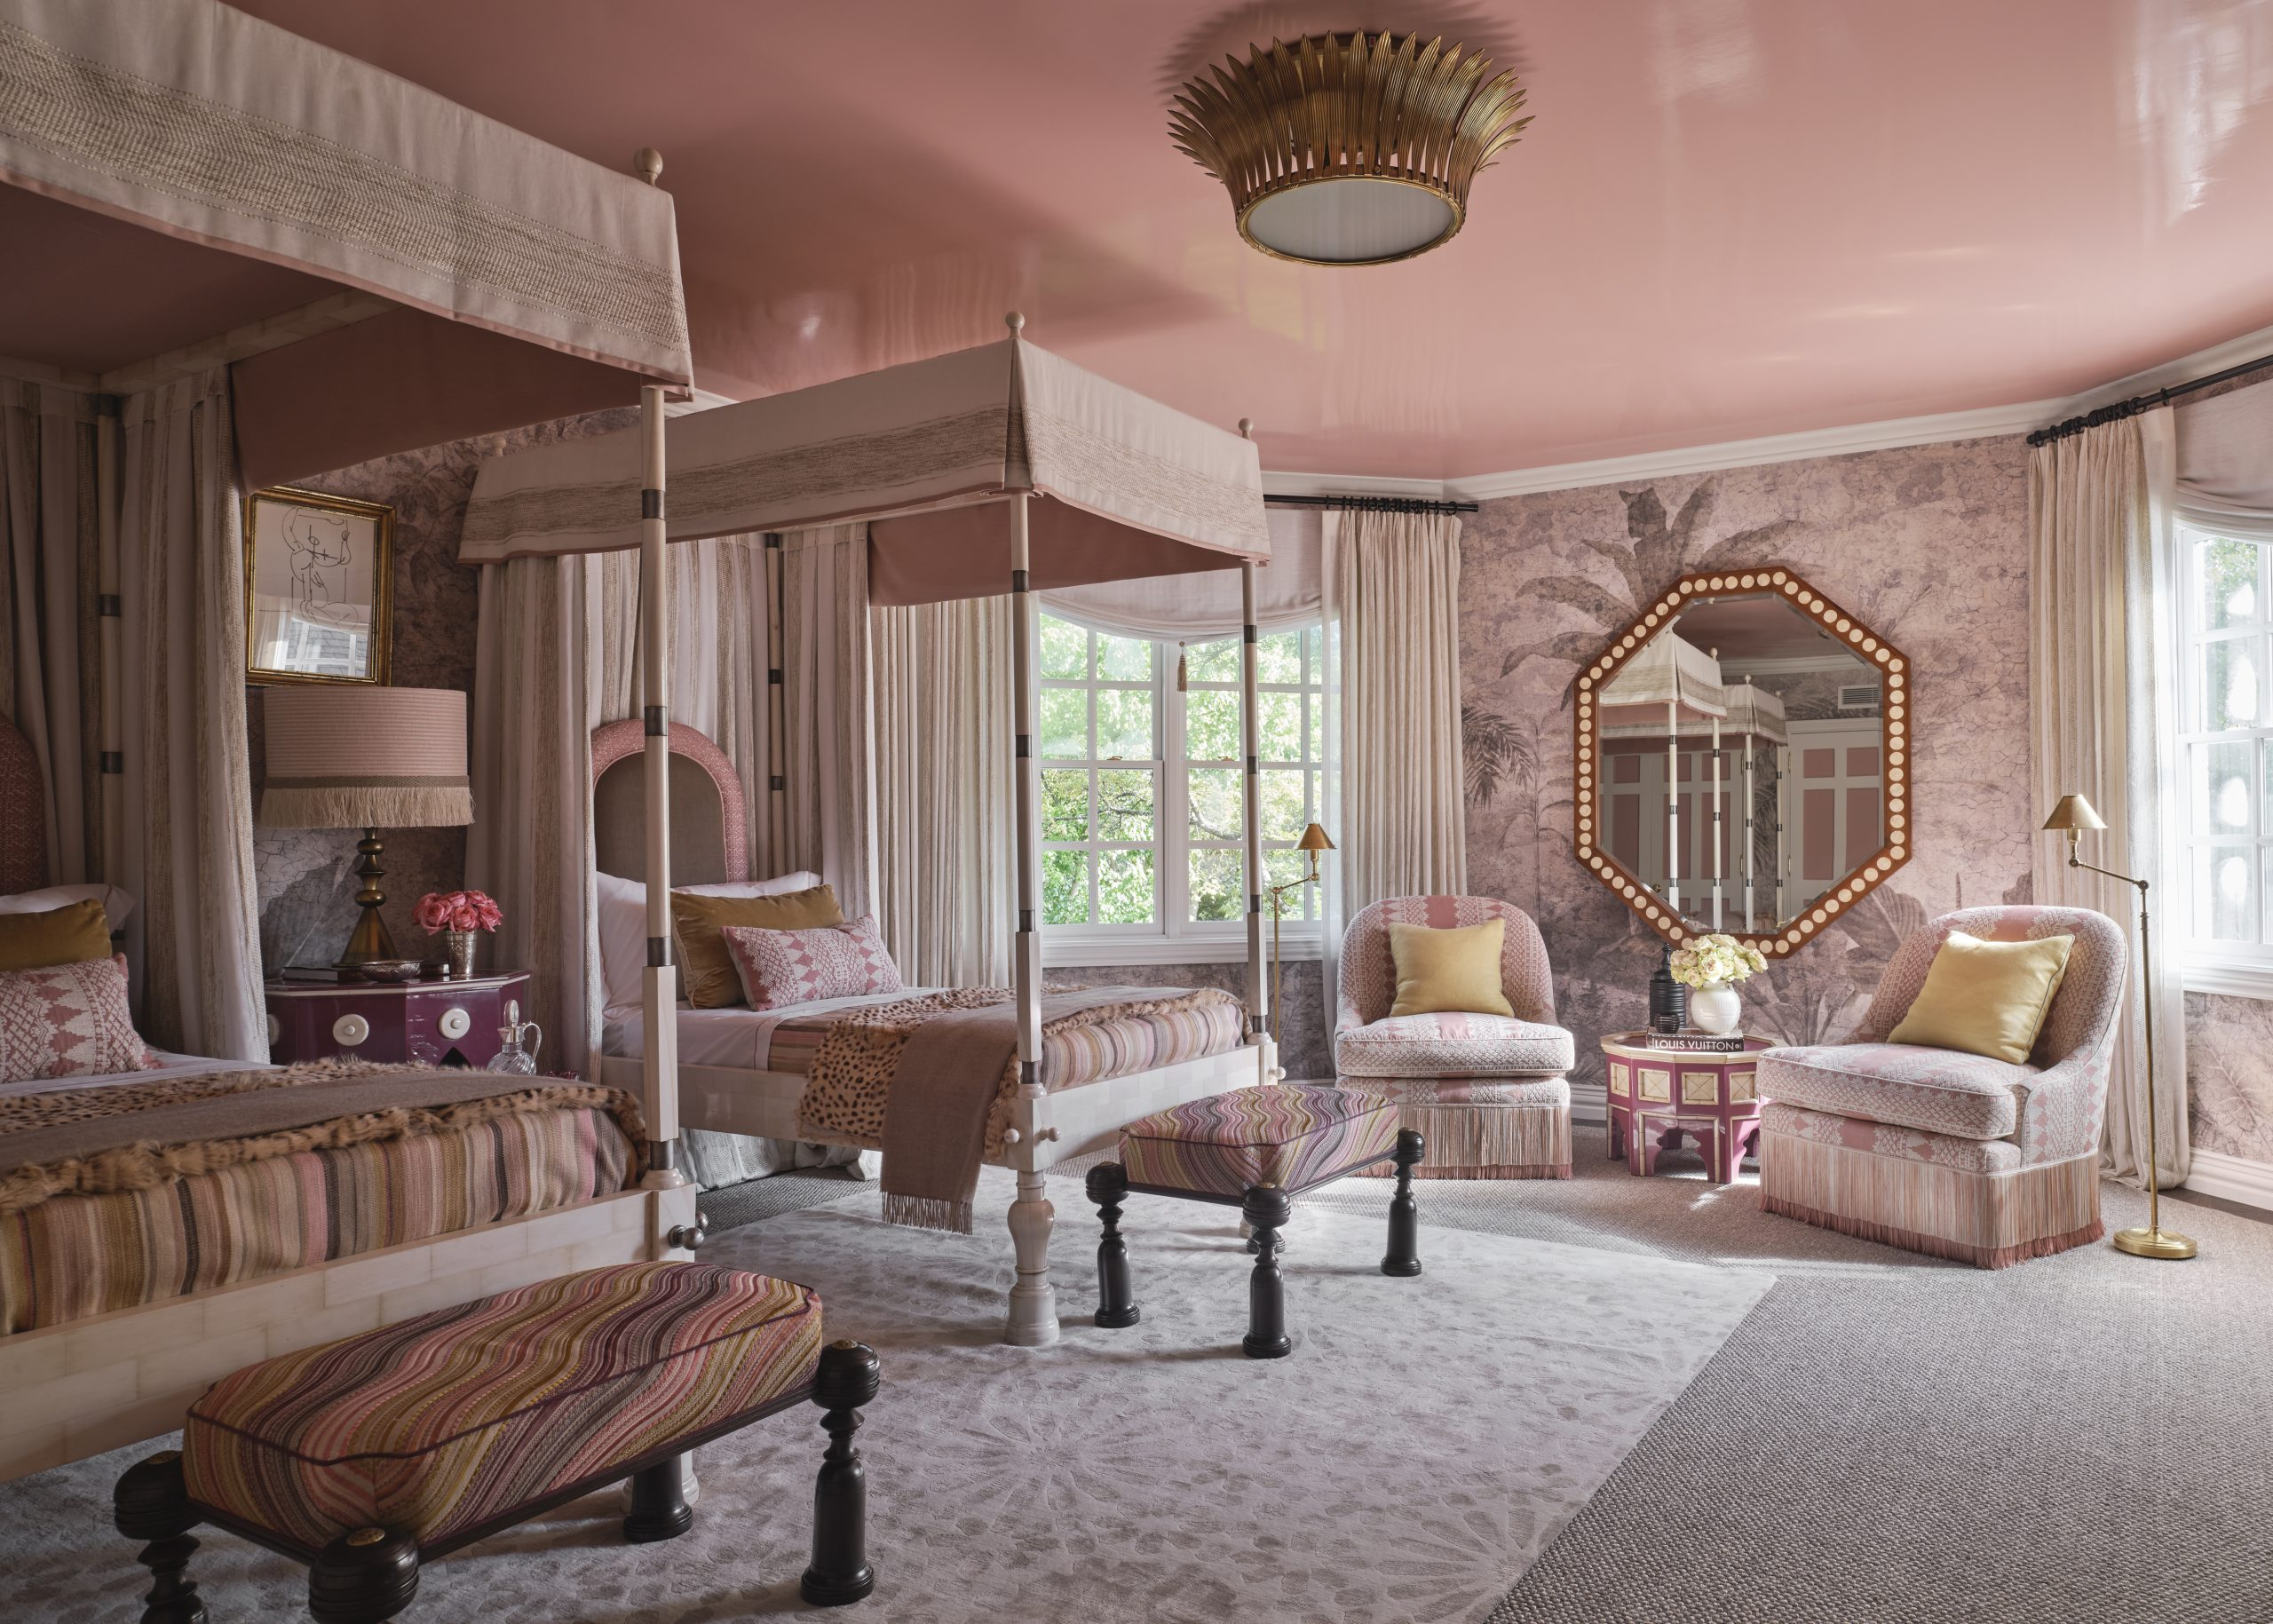 Guest Bedroom designed by Martyn Lawrence Bullard